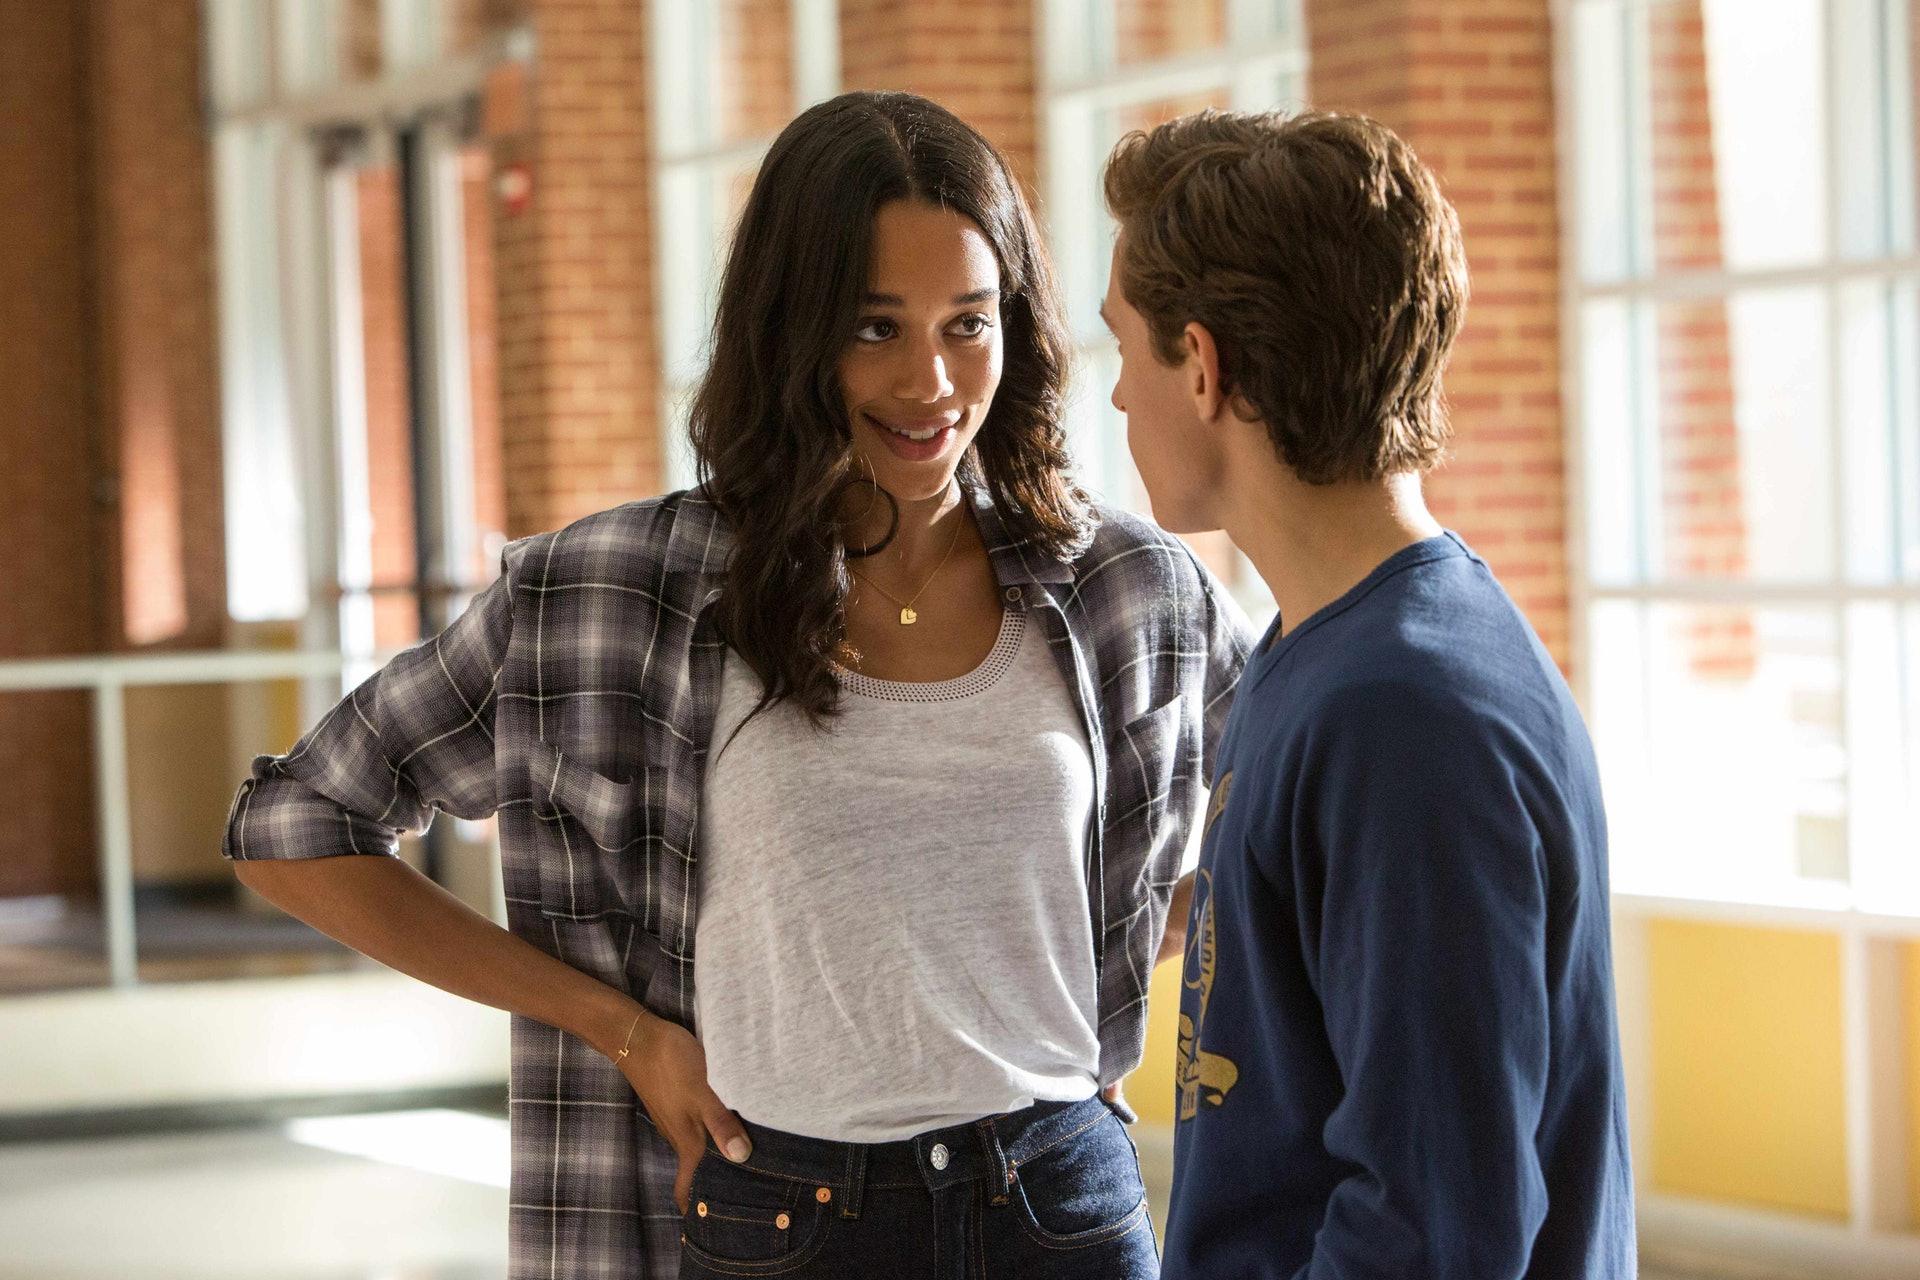 Peter仔暗戀高年級師姊兼問答隊隊長Liz。(《蜘蛛俠:強勢回歸》劇照)